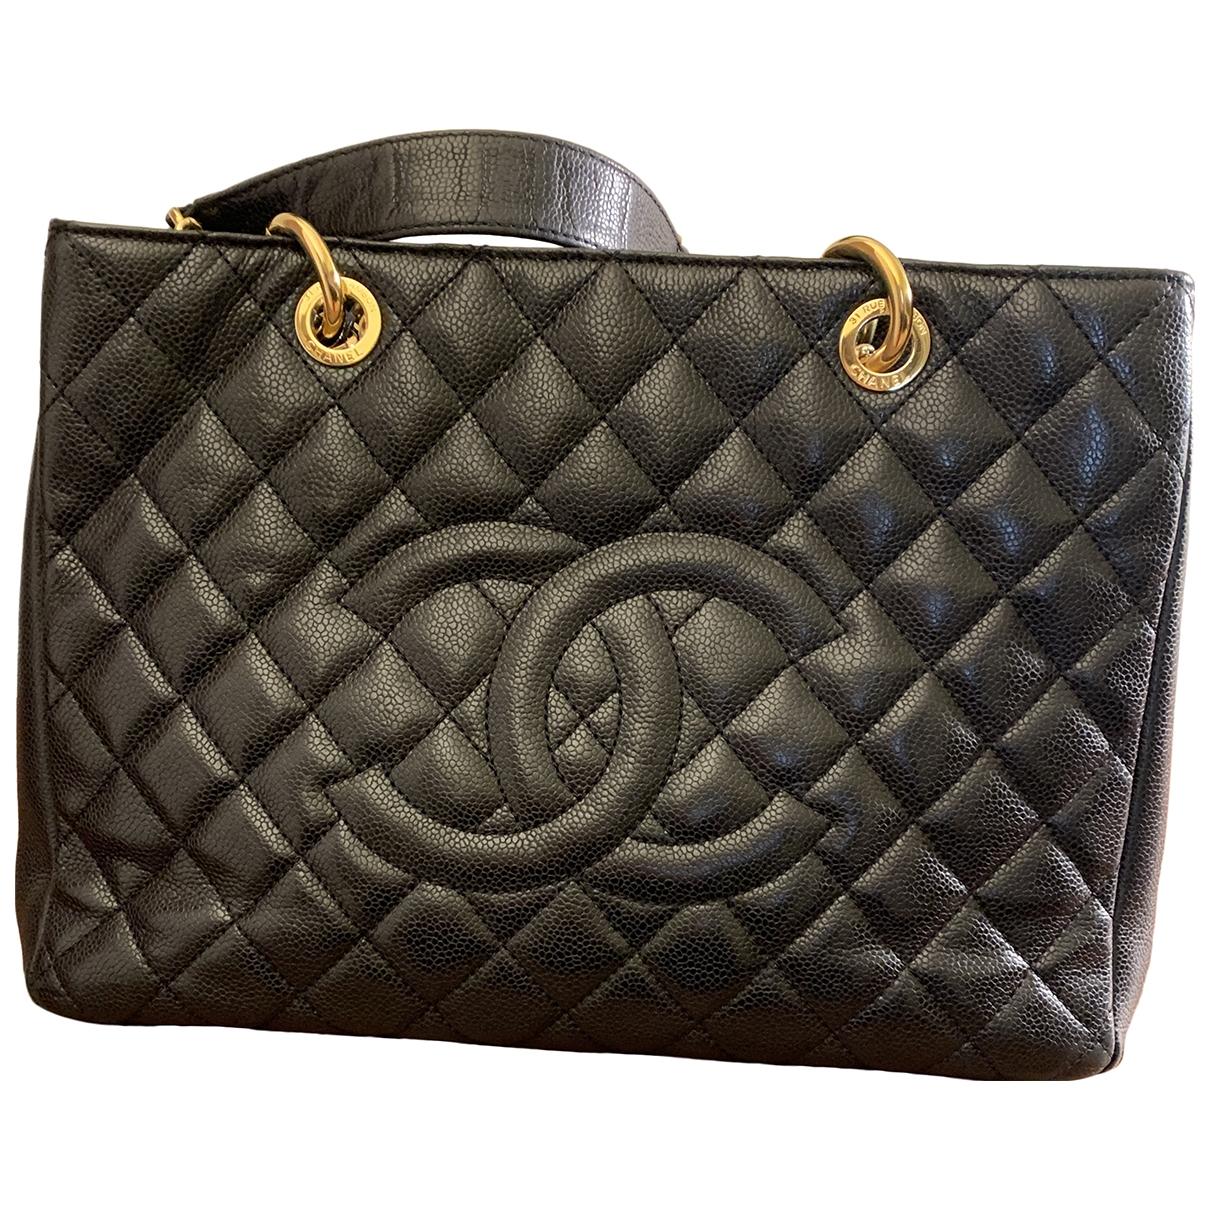 Chanel - Sac a main Grand shopping pour femme en cuir - noir